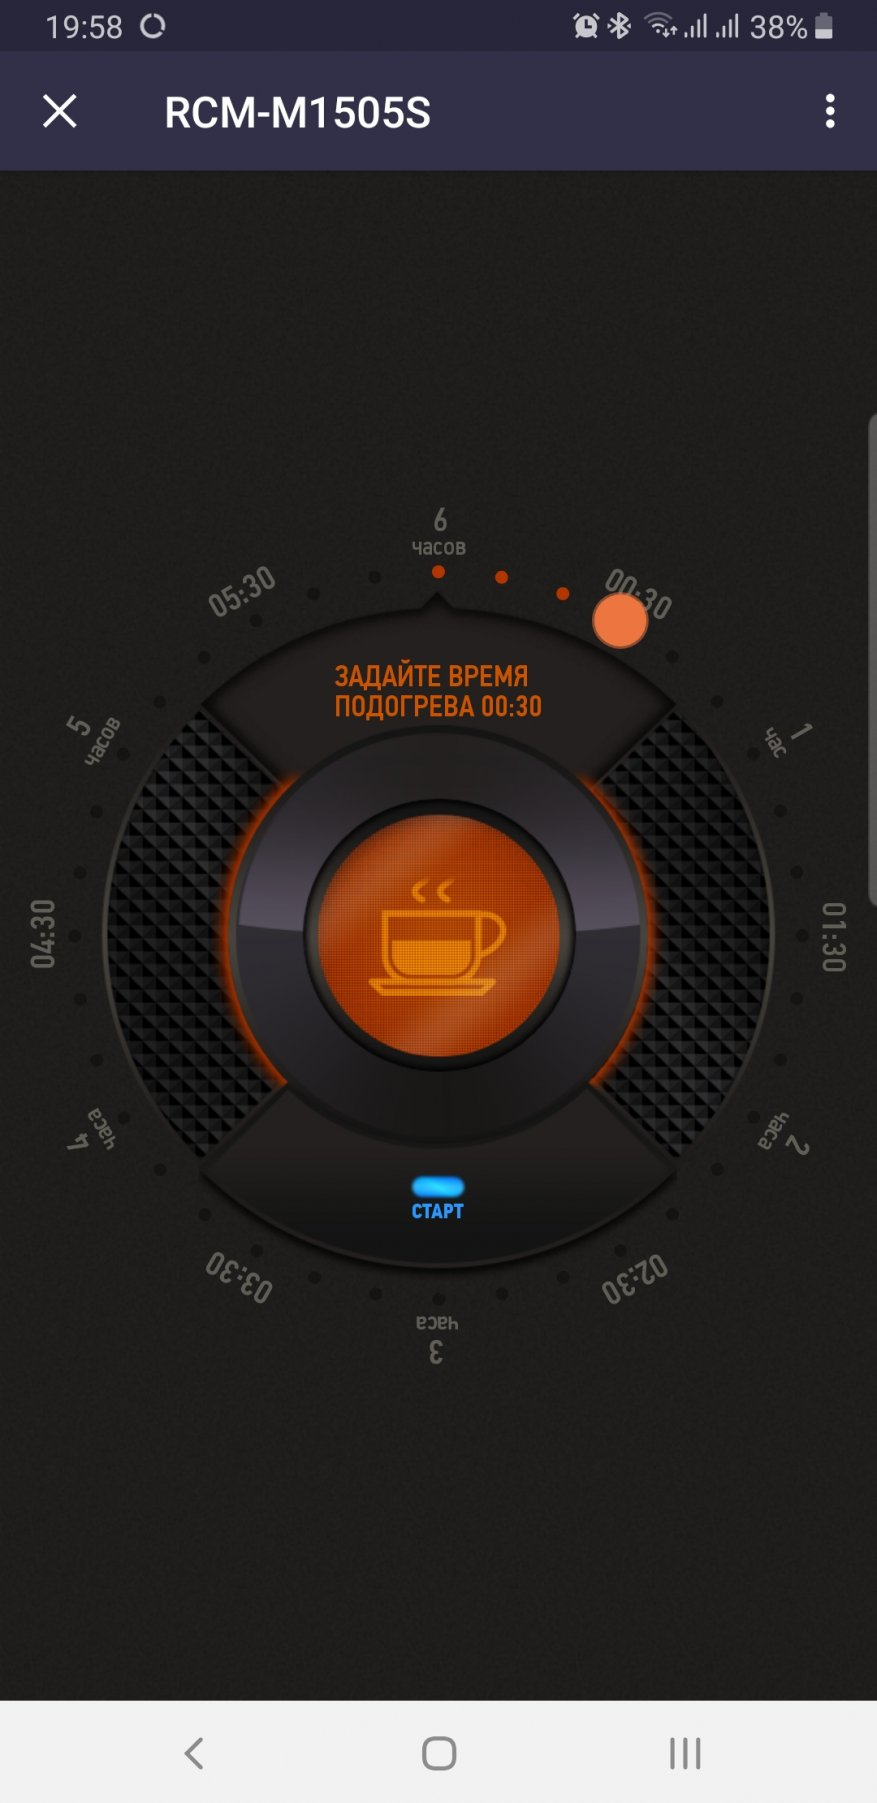 Магазины Украины и СНГ: Умная кофеварка Redmond SkyCoffee M1505S-E: вы все еще завариваете кофе?